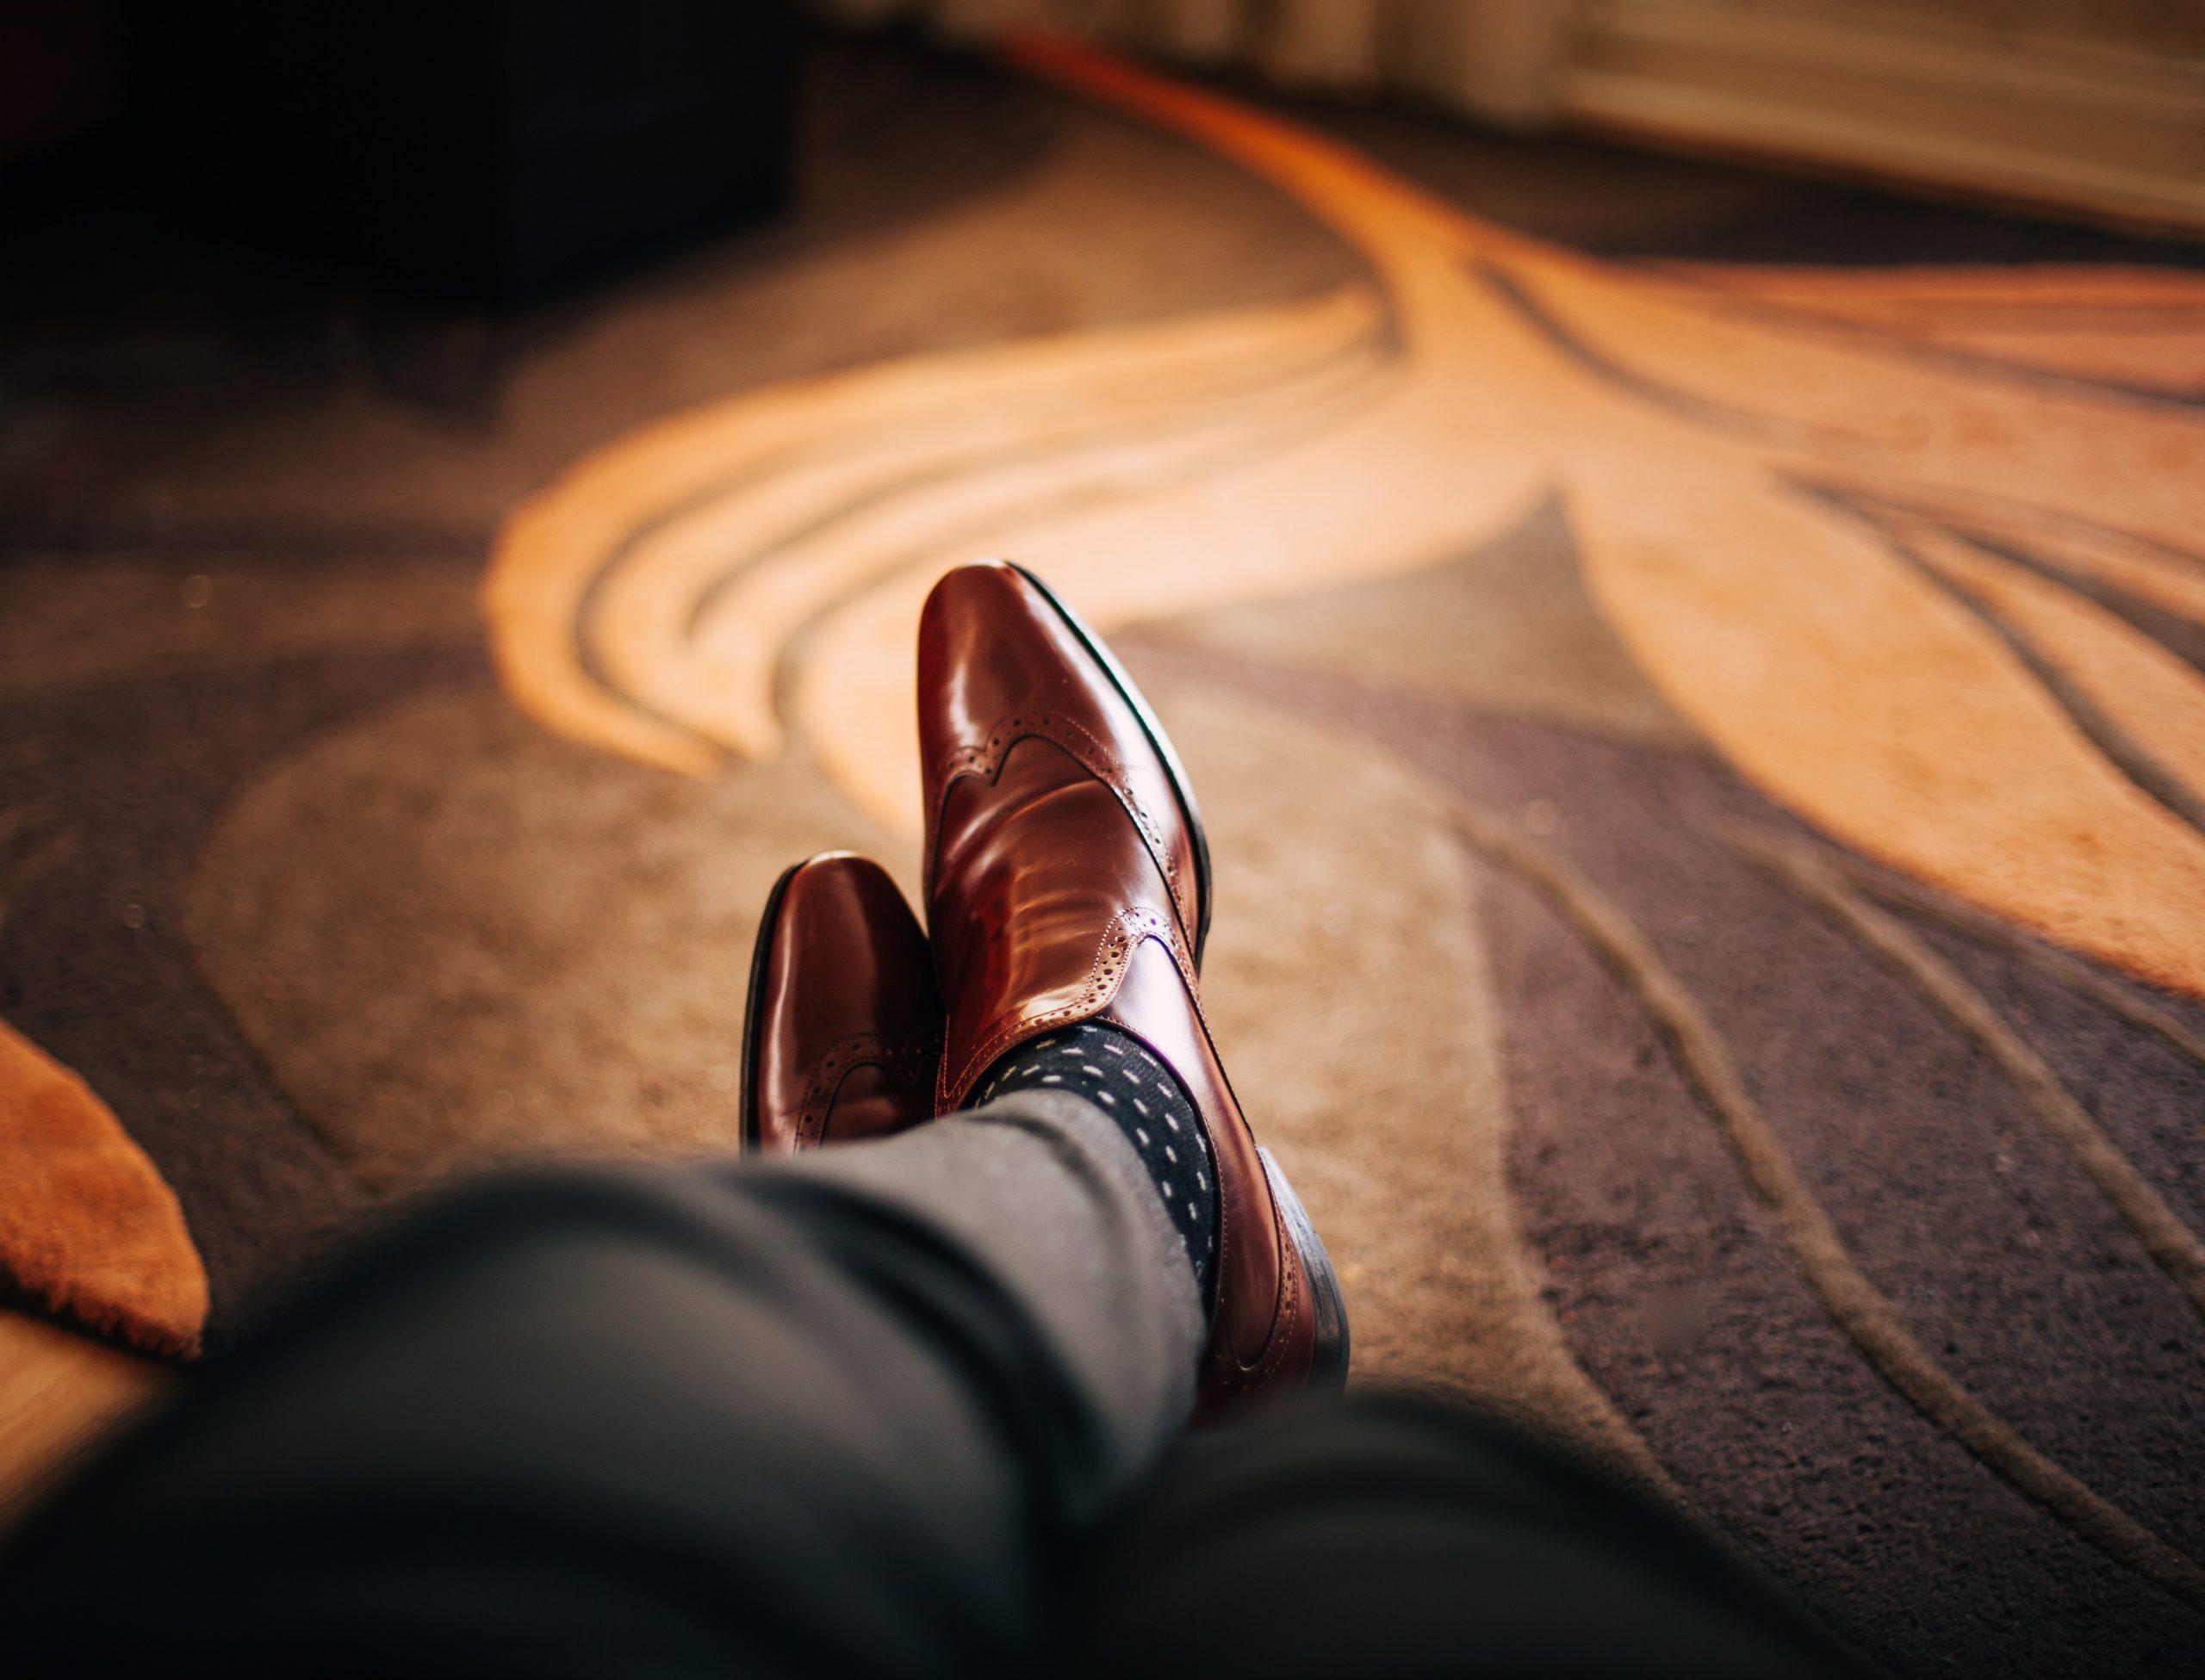 Jak wypastować i pielęgnować buty?